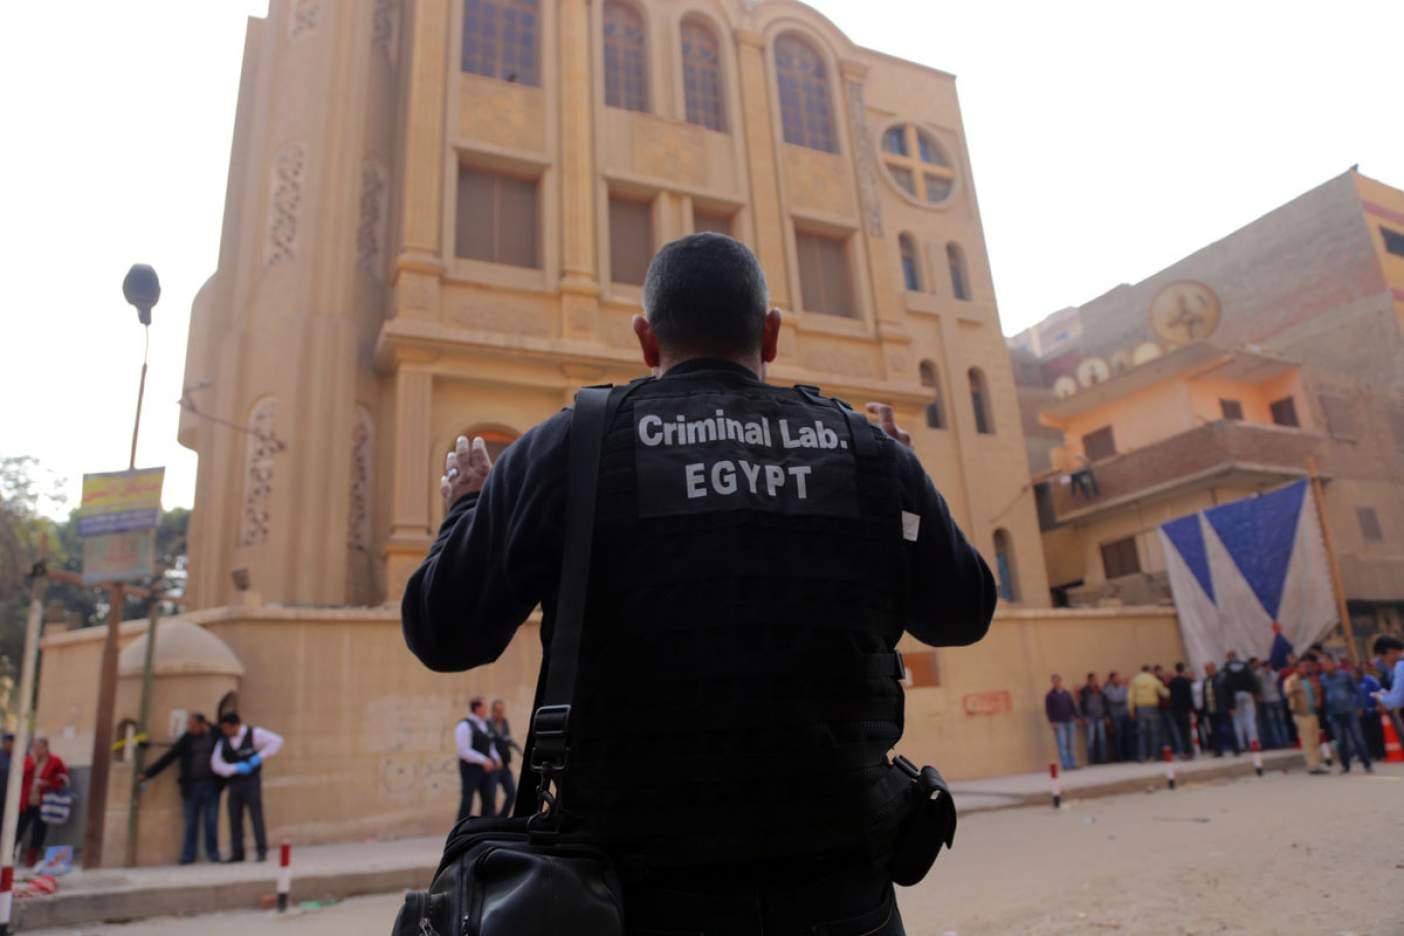 Hombres atacan iglesia cerca de El Cairo y matan a nueve personas